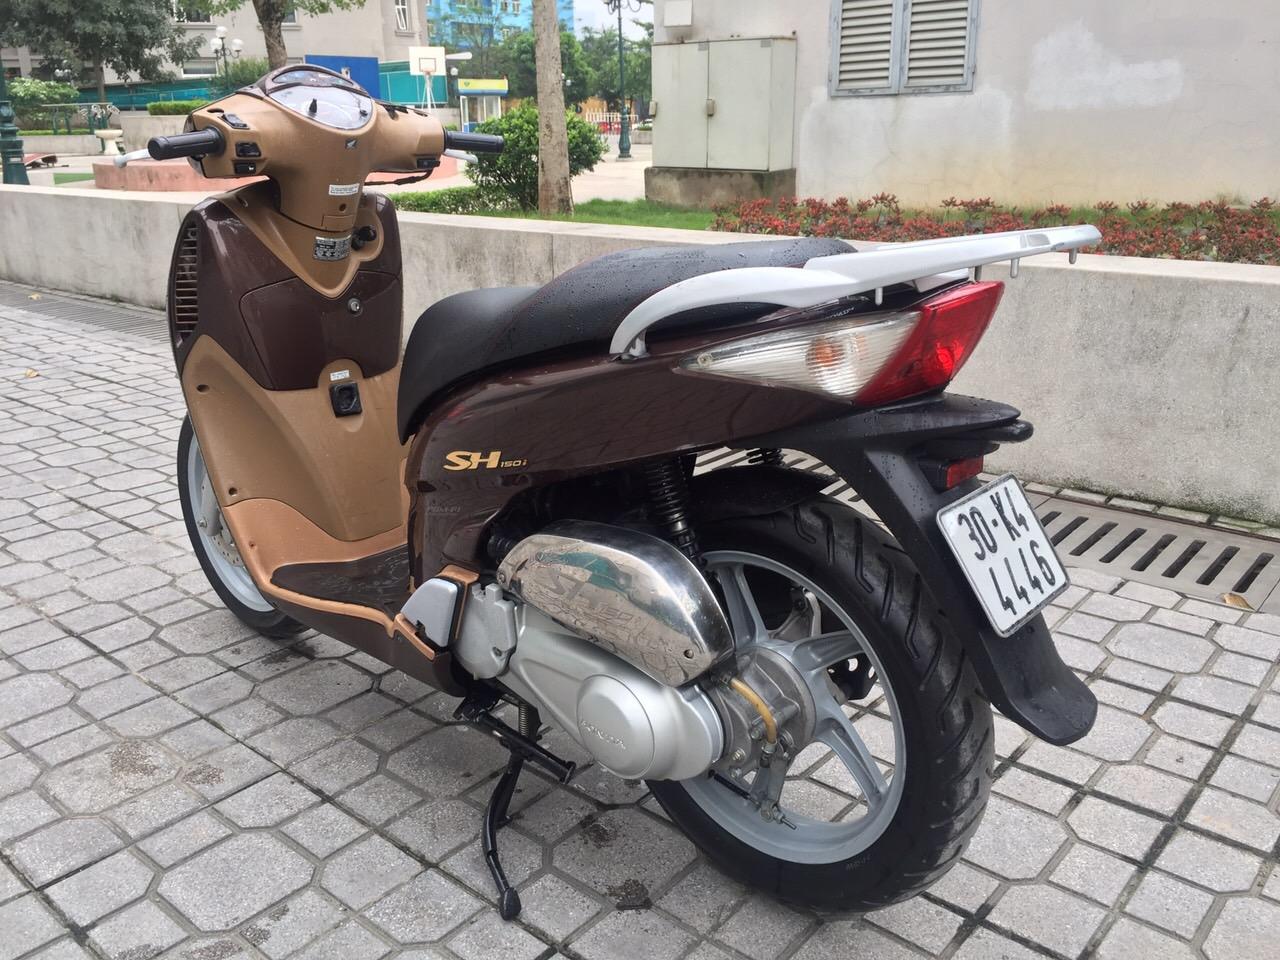 2 Cần bán Honda SH màu nâu.nhập ý 150cc.chính chủ.hồ sơ.30k4-4446